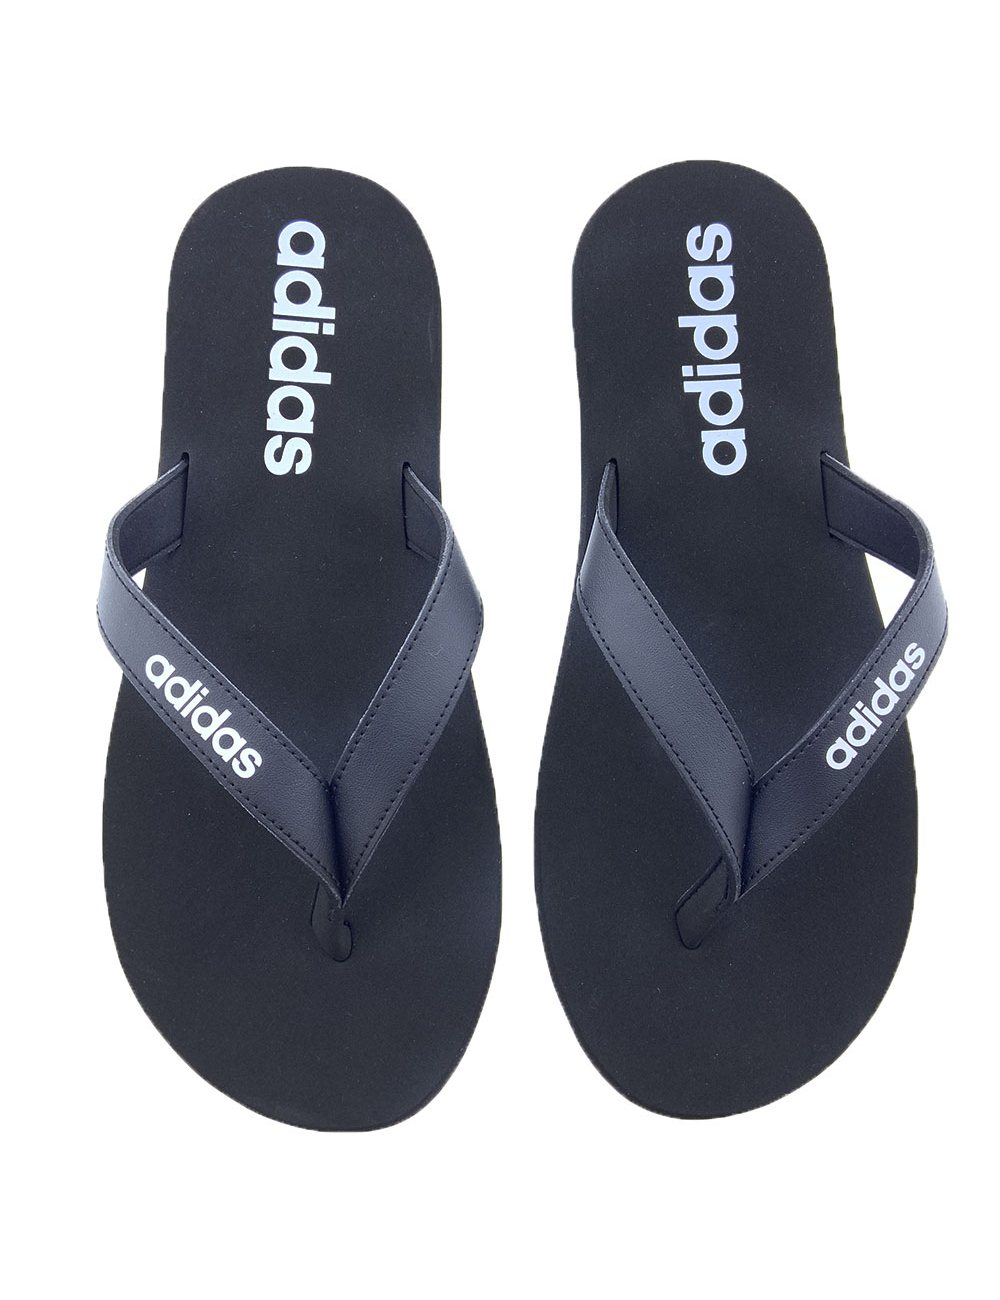 Chanclas Adidas Eezay Flip Flop EG2042